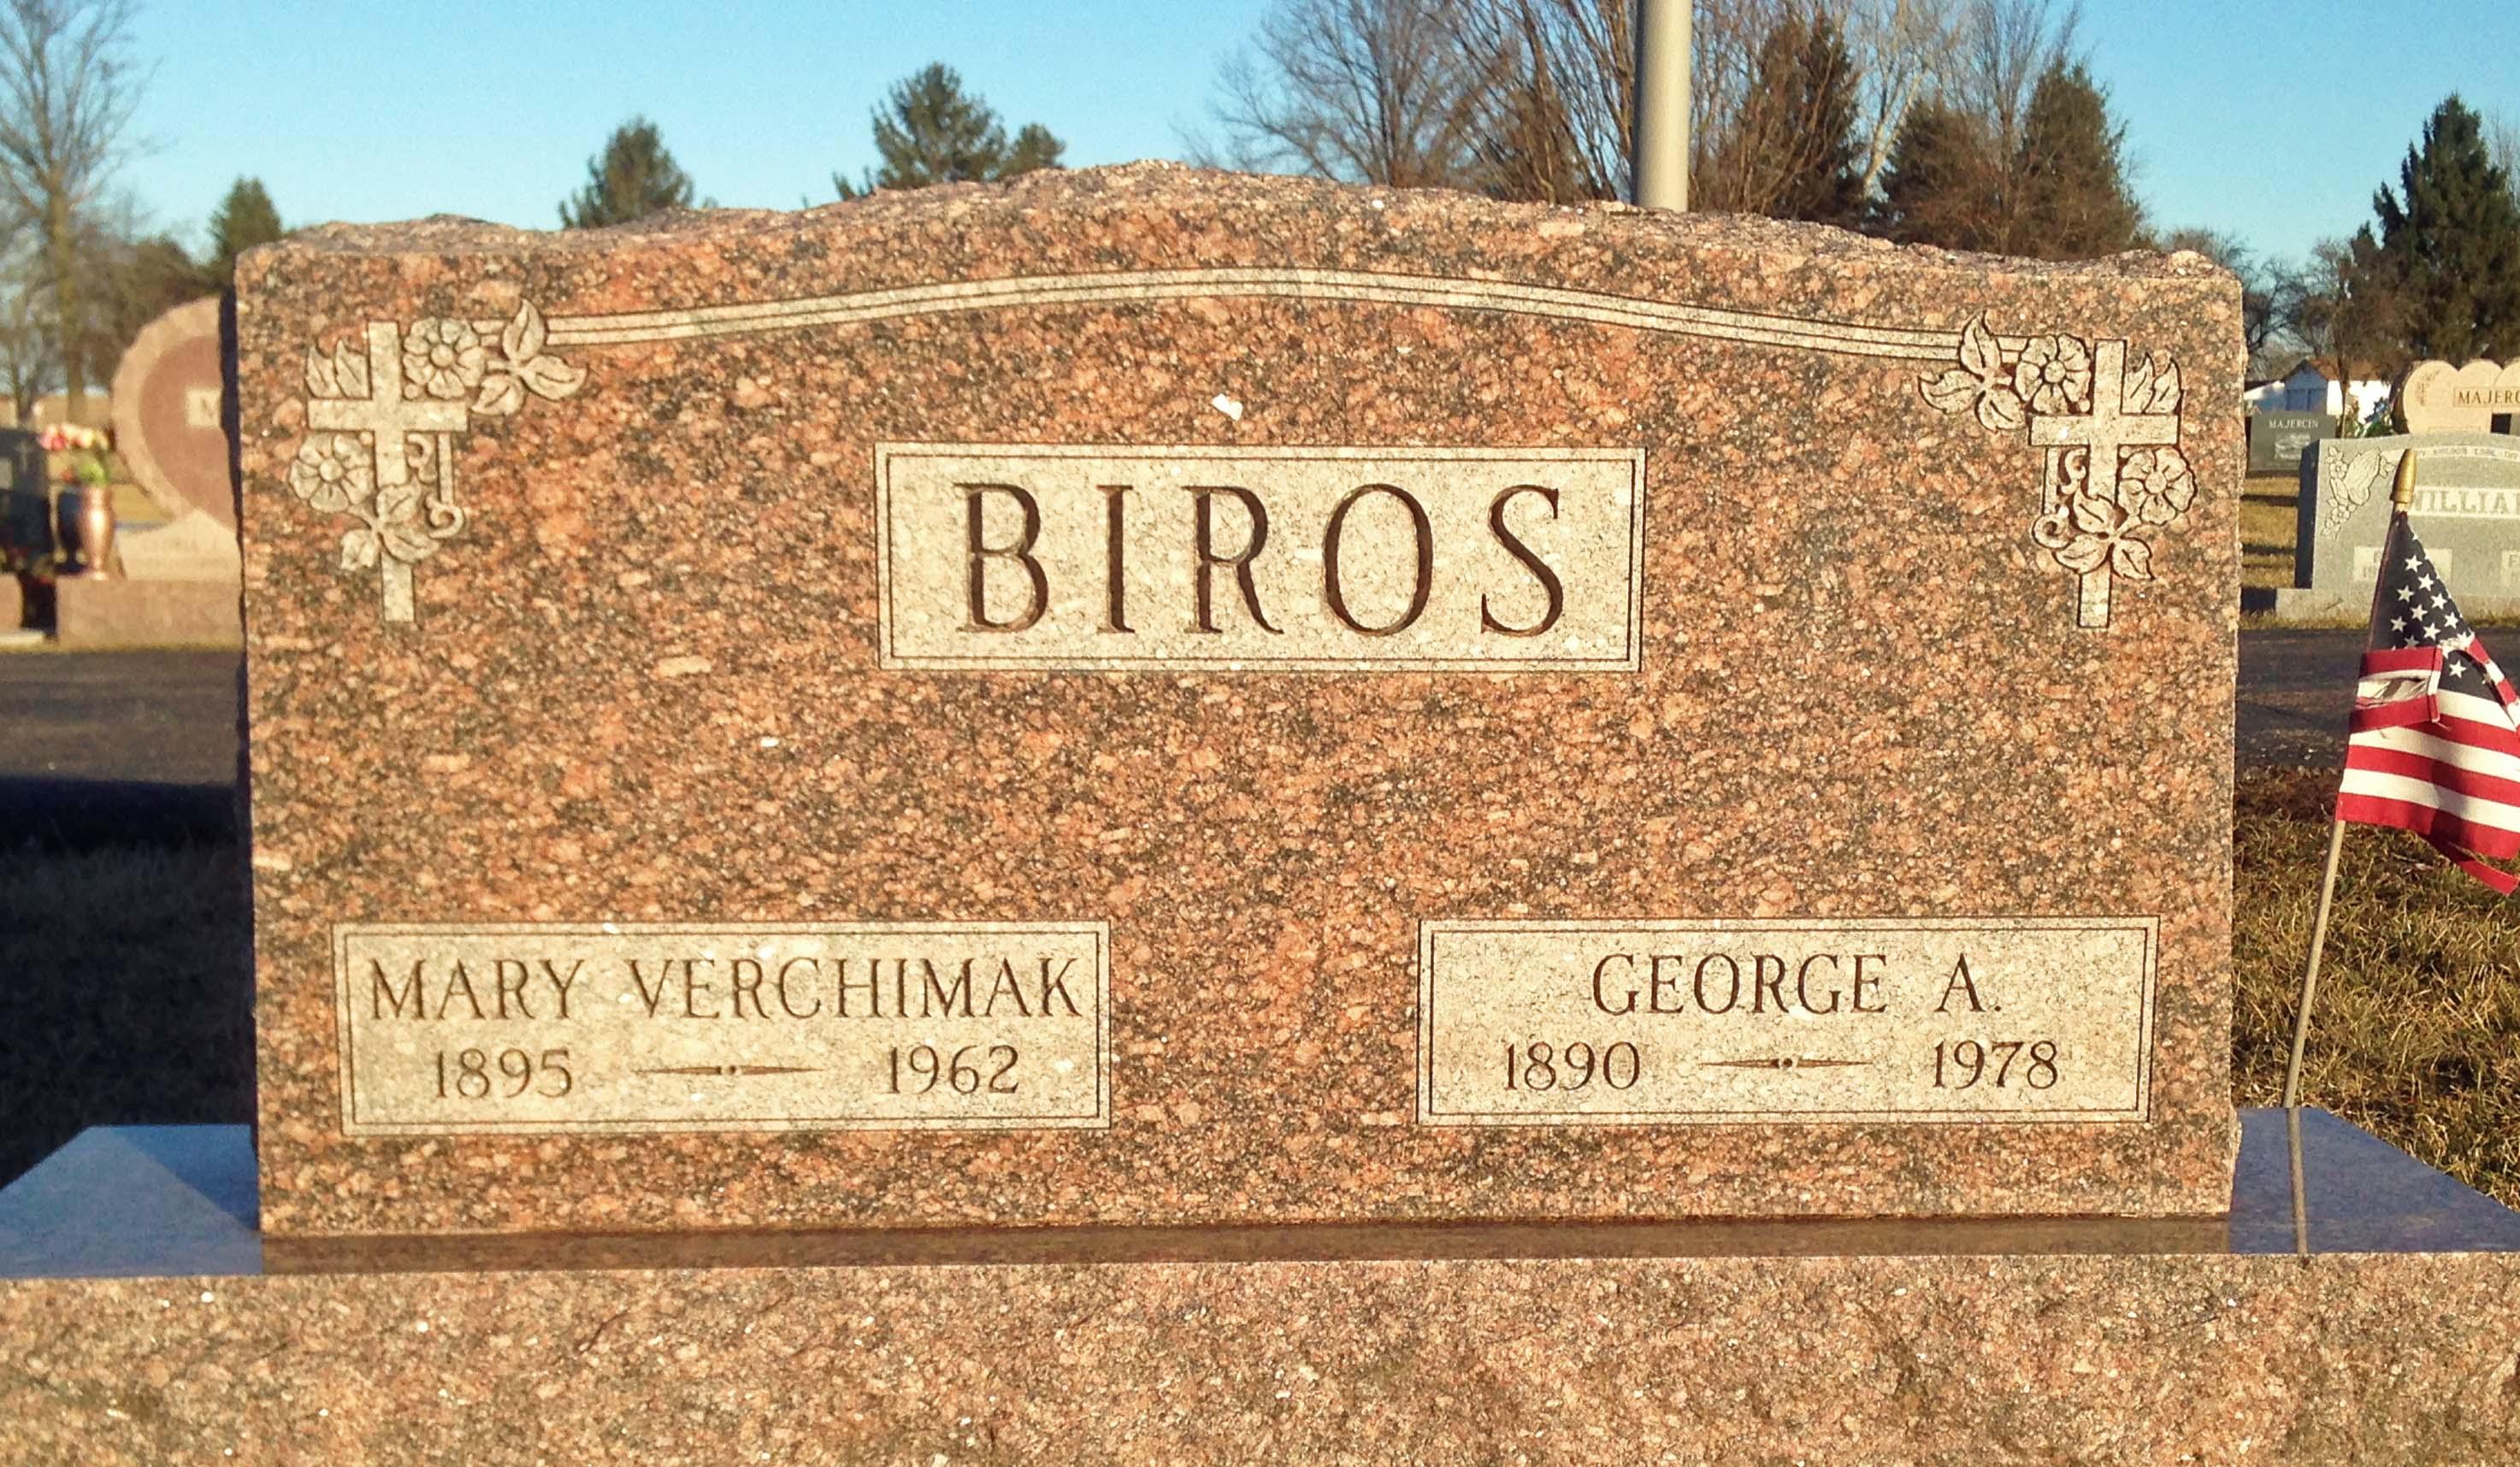 George A. Biros